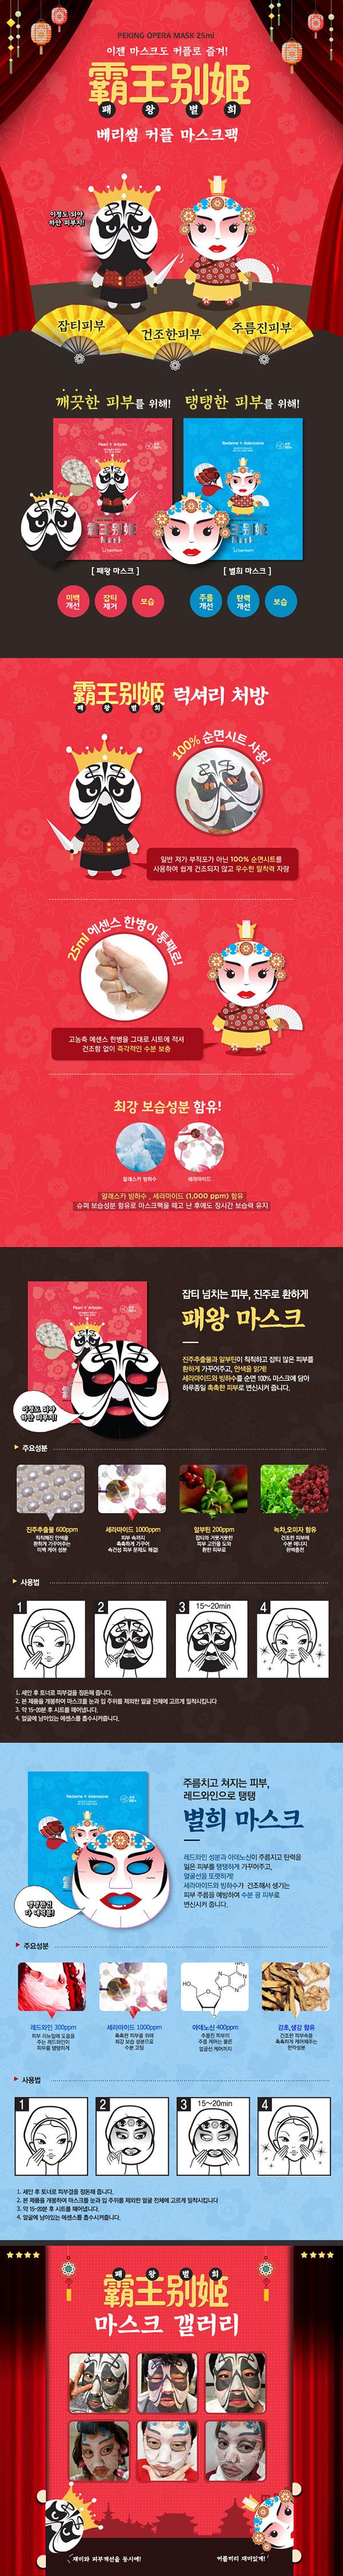 Berrisom pekingi opera maszkok